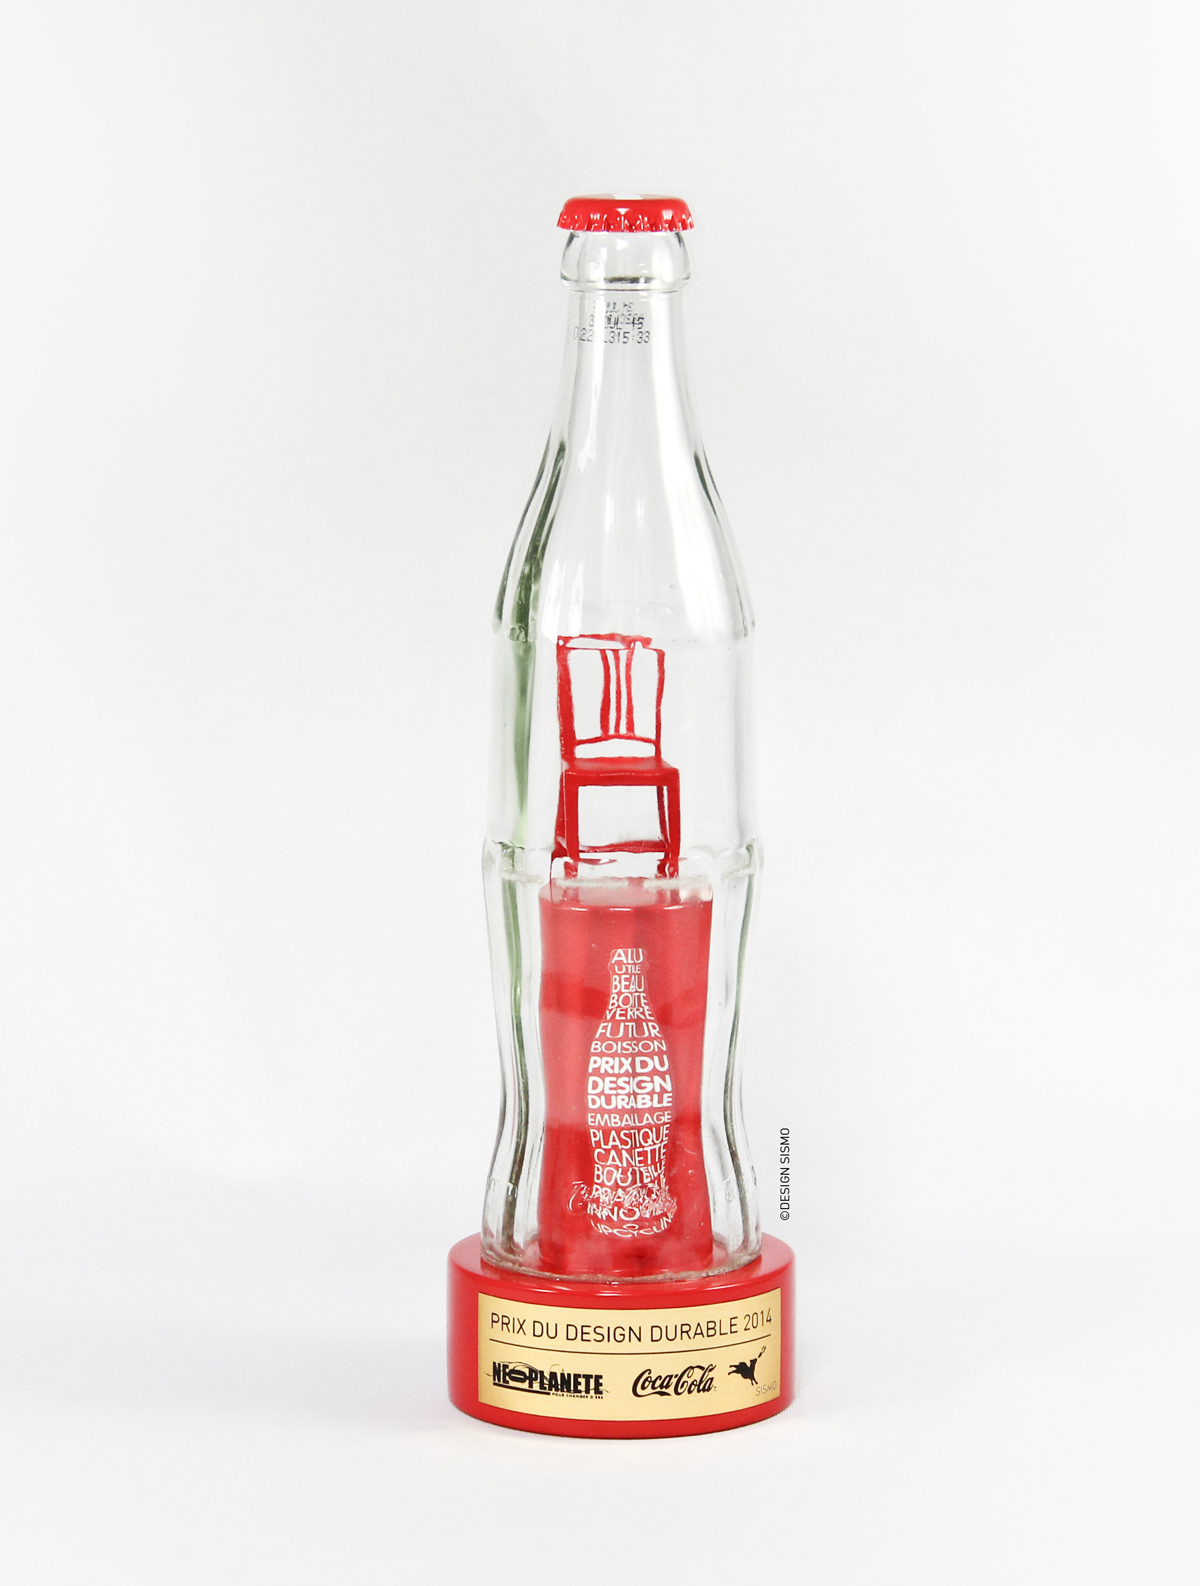 Trophee COCA COLA SISMO 2014 2 Fabrication bouteille rouge chaise prix du design durable design sur-mesure Agence MAJOTIK